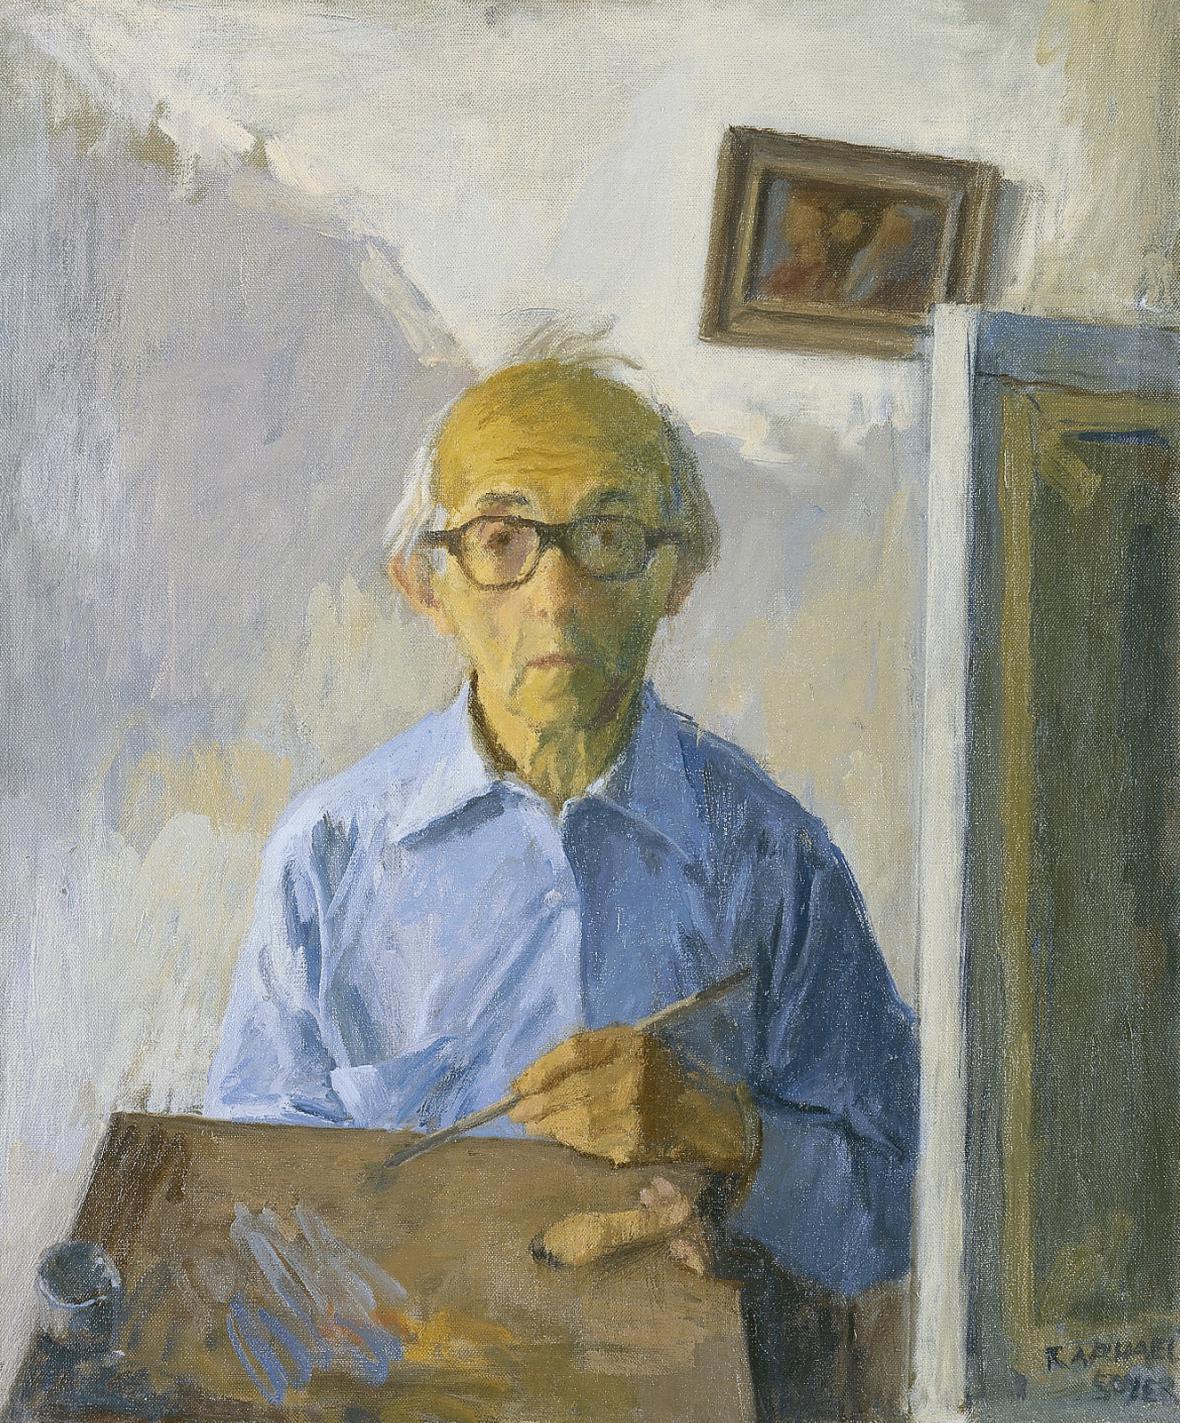 Autoportrét Raphaela Soeyra (1980)